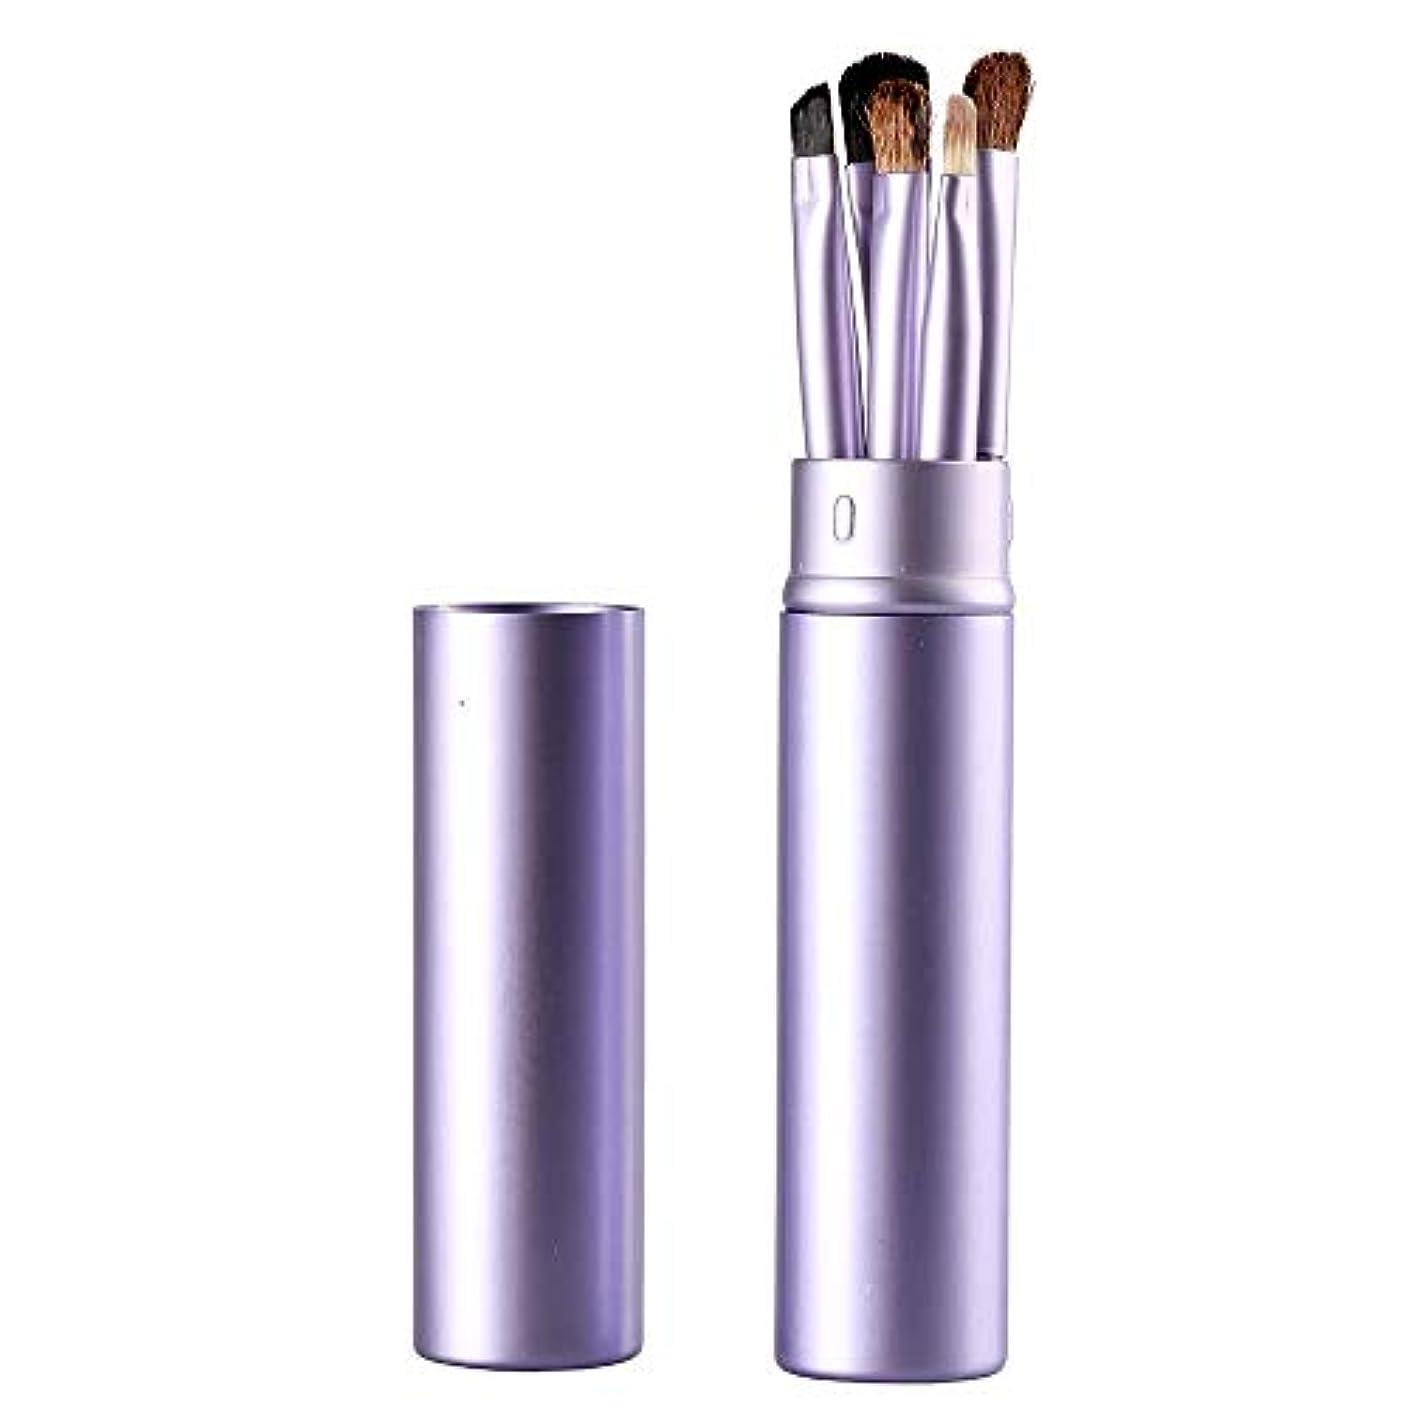 漁師エクステントプレゼントMakeup brushes 紫色、アイメイクブラシセットブラシ5アイブラシメイクペン美容メイクツールで化粧チューブ保護 suits (Color : Purple)